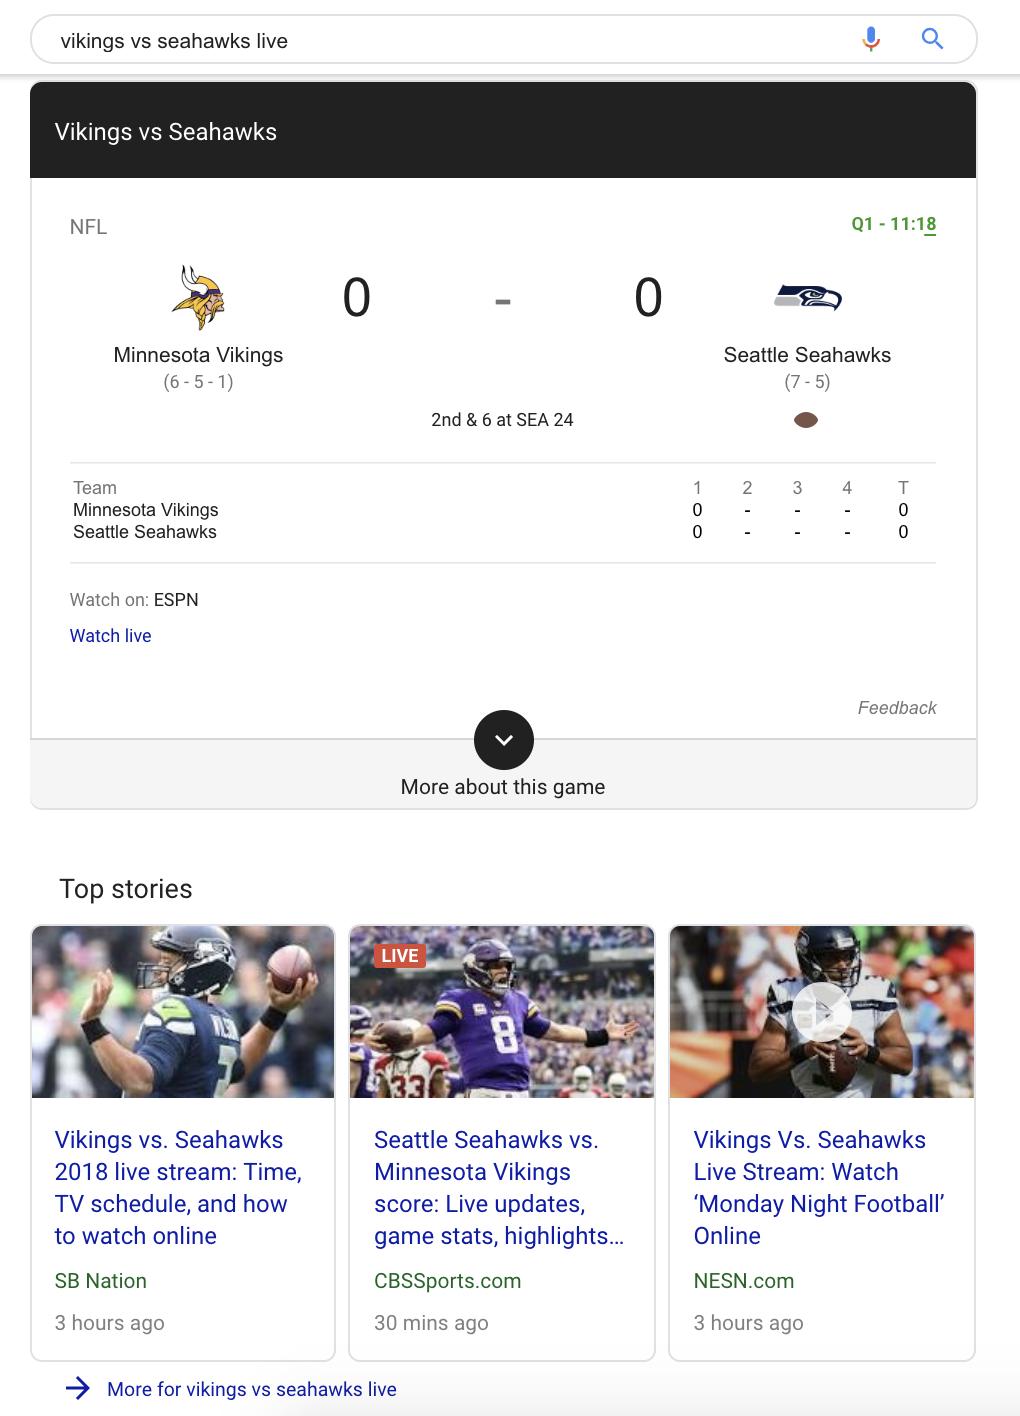 google-livestream-monday-night-football